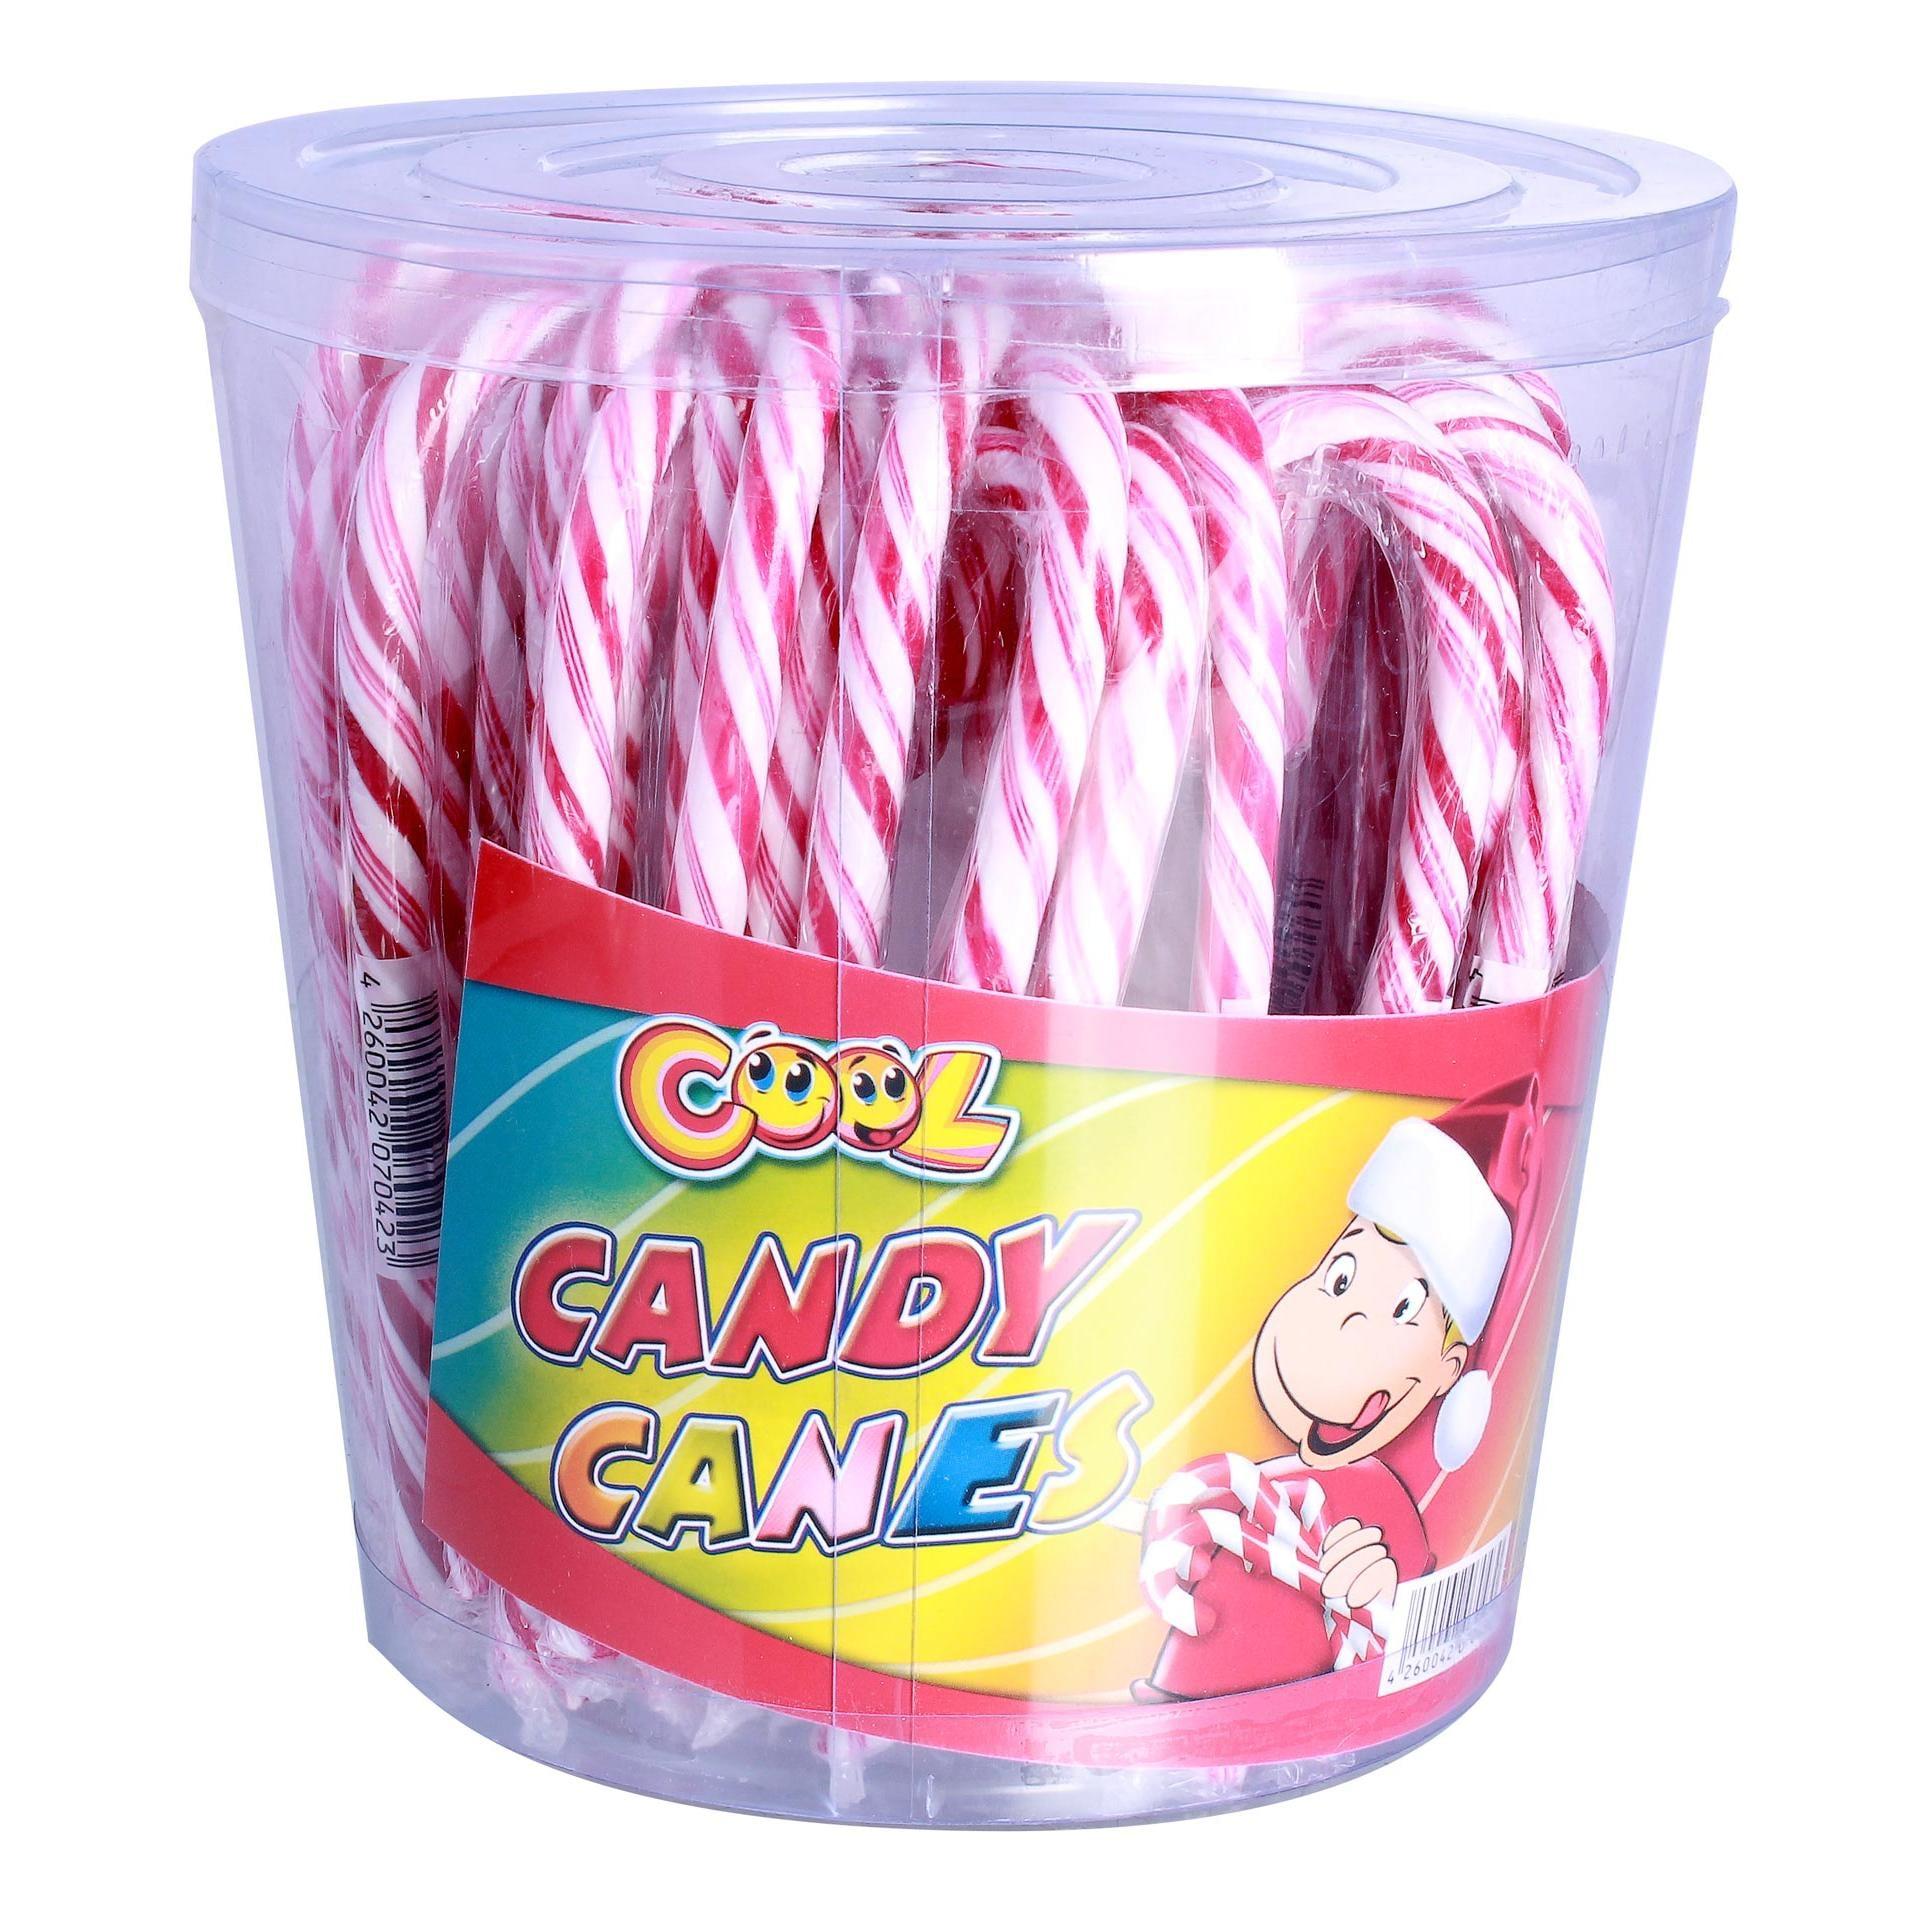 Cool Candy Canes - Zuckerstangen Rot-Weiß Lollies Lutscher Lutschstangen gestreift - 50St/700g